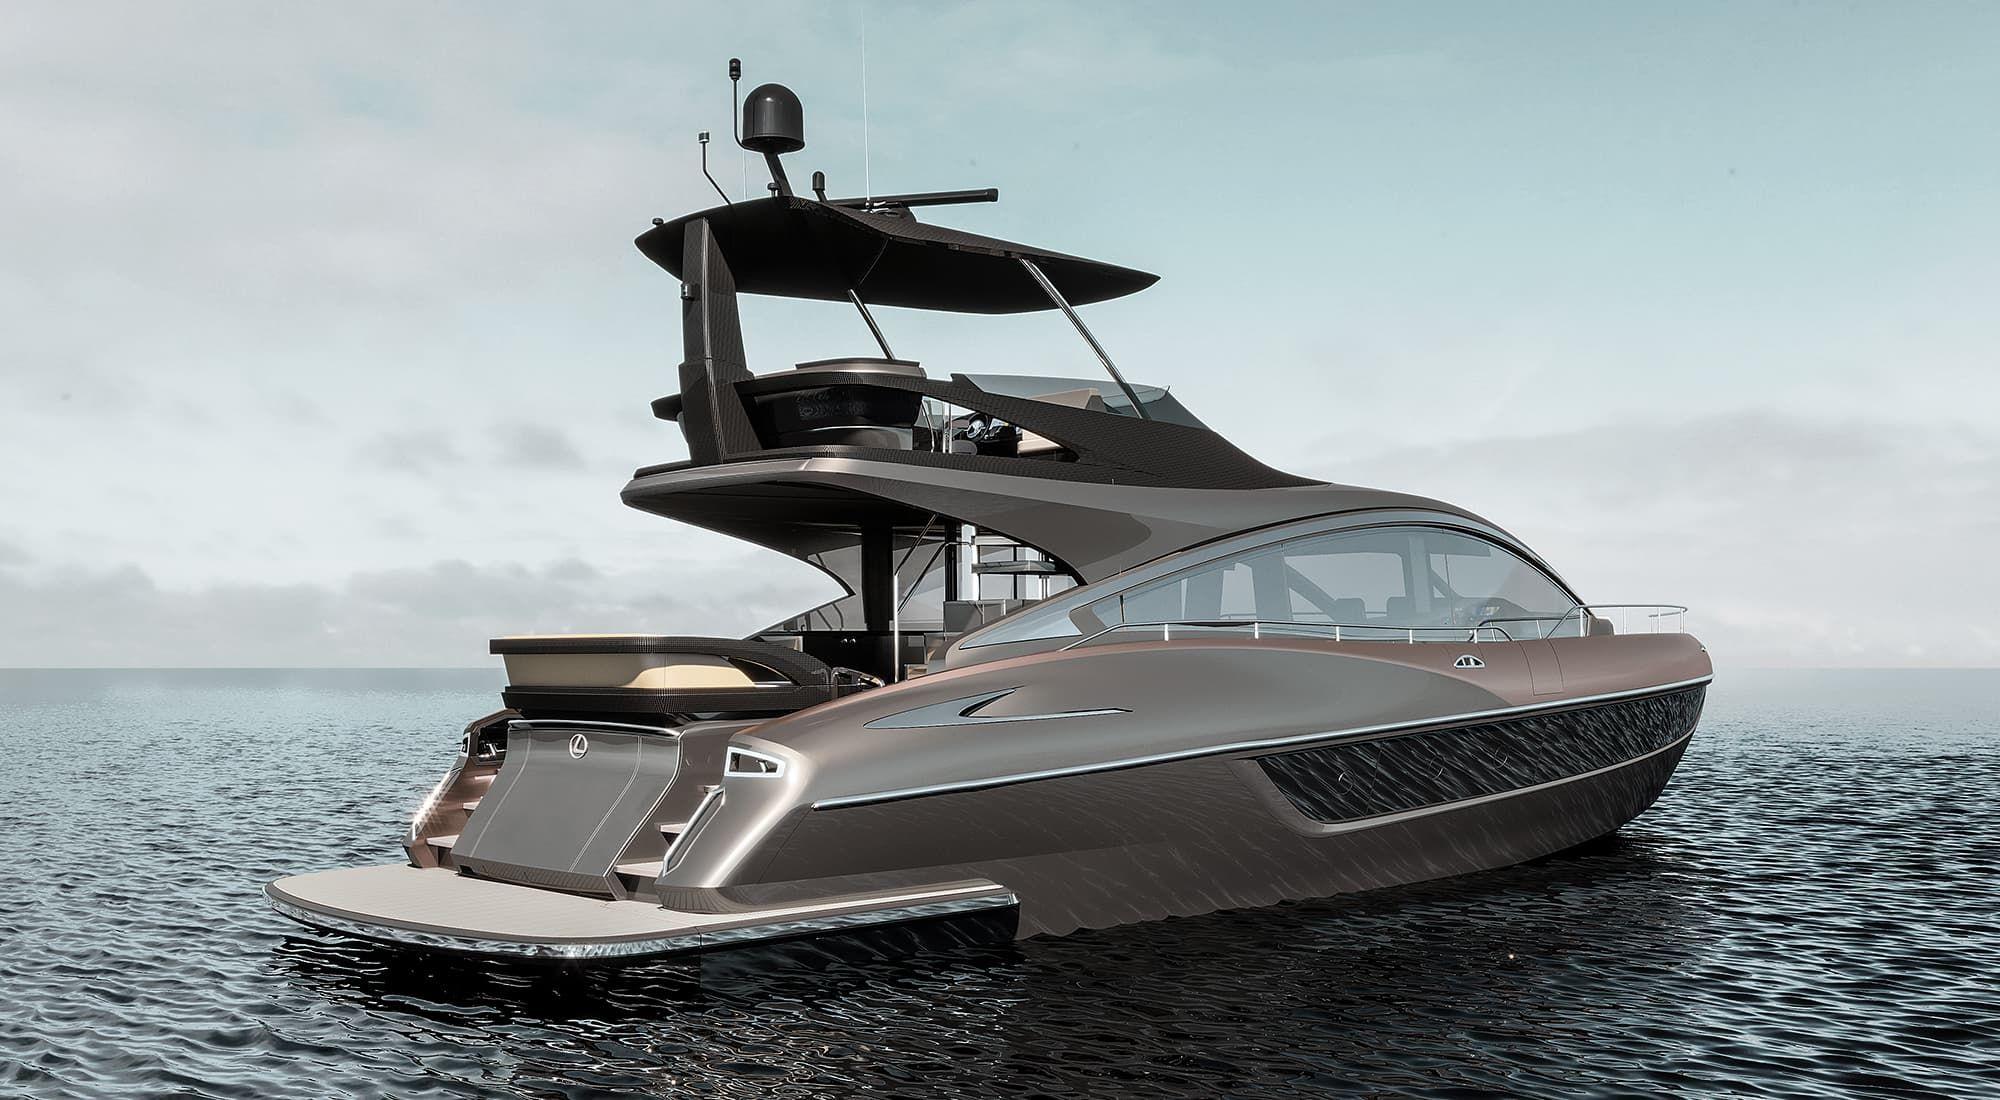 移動式海上豪宅!Lexus首艘遊艇 LY650於10月底全球開賣